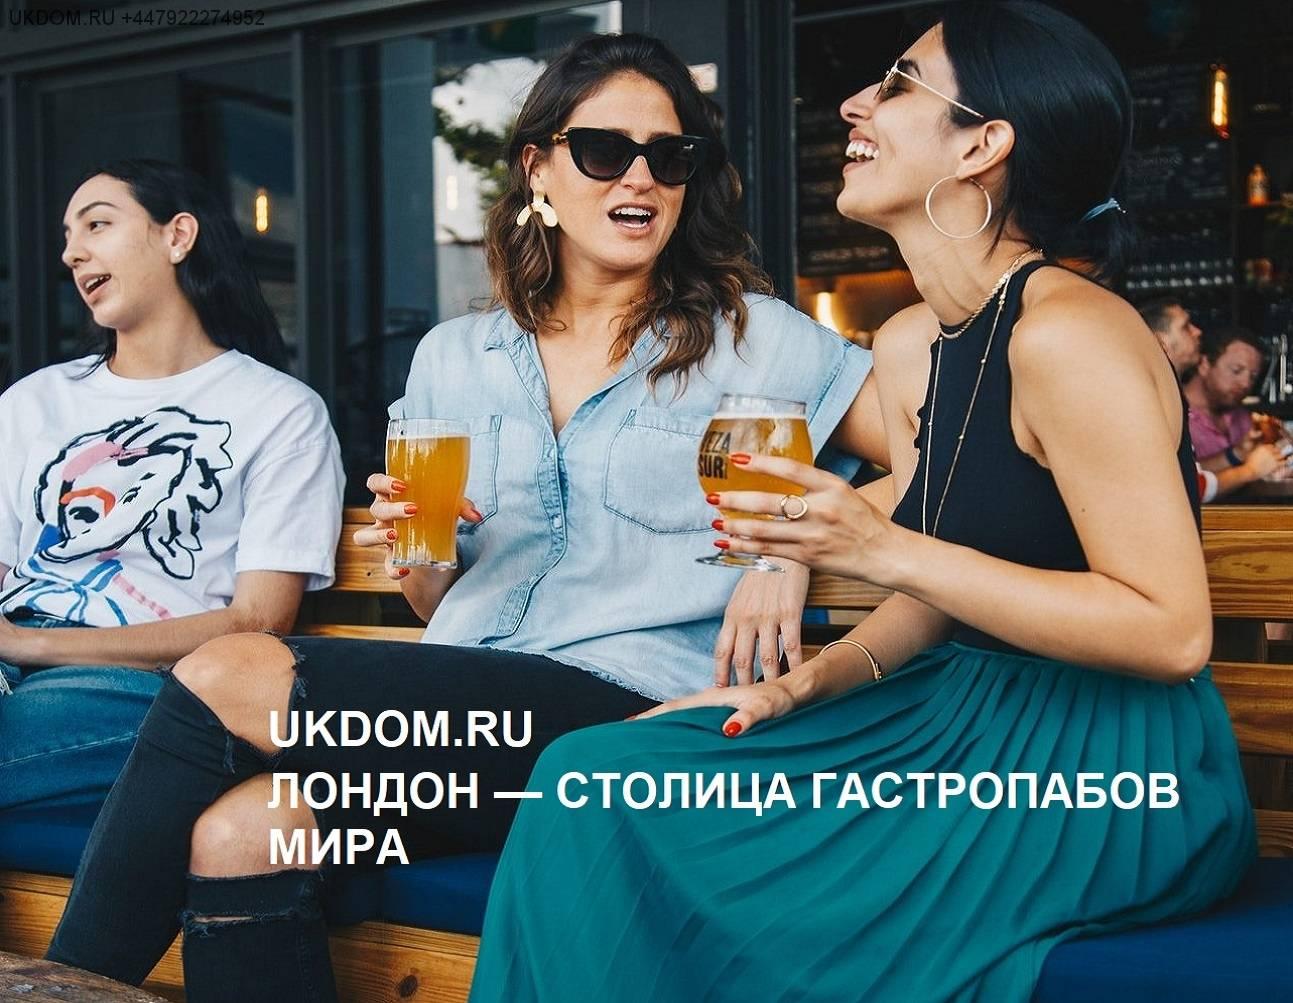 ЛОНДОН СТОЛИЦА ГАСТРОПАБОВ МИРА